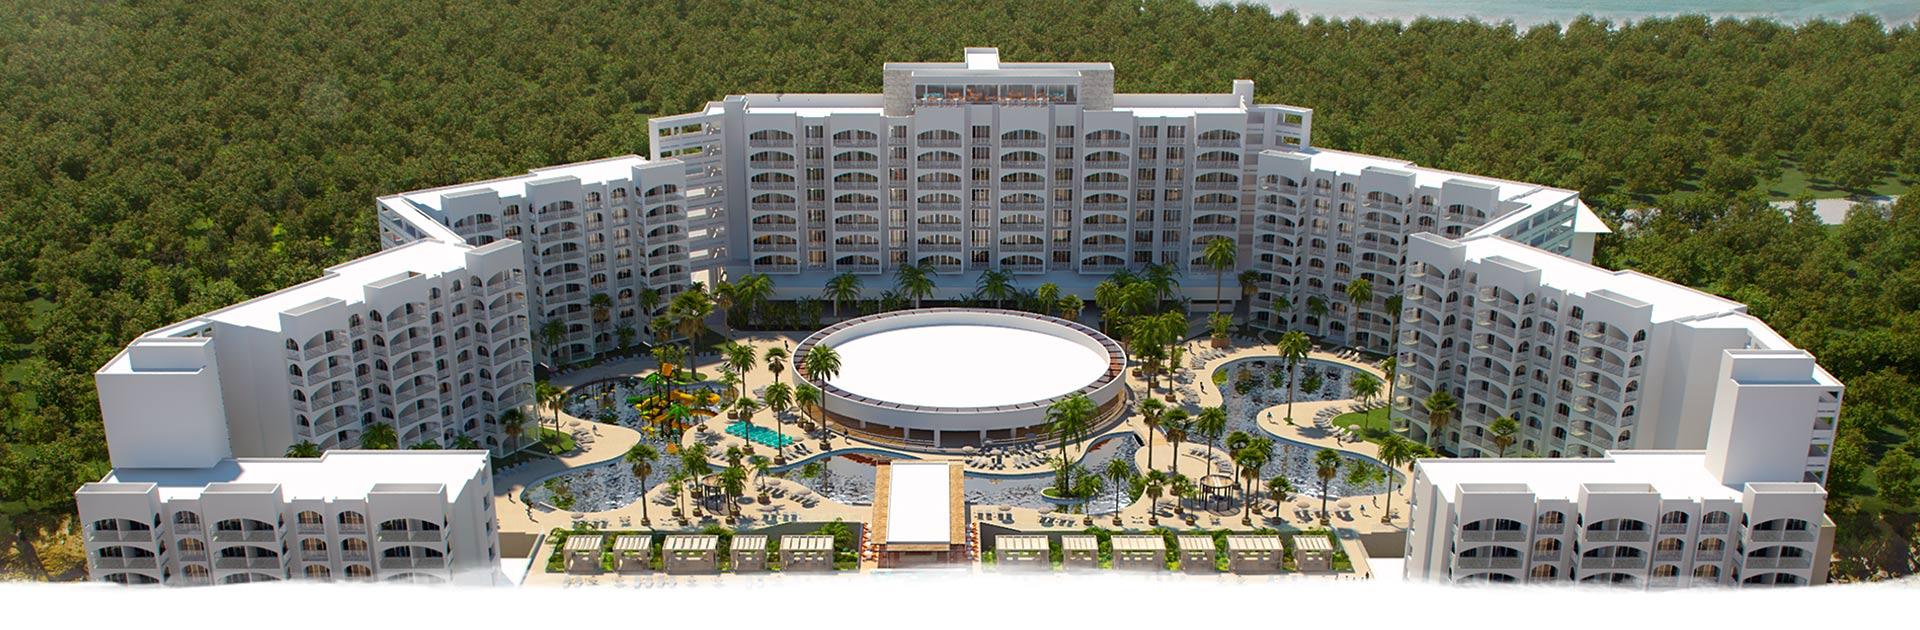 Royal Uno Resort